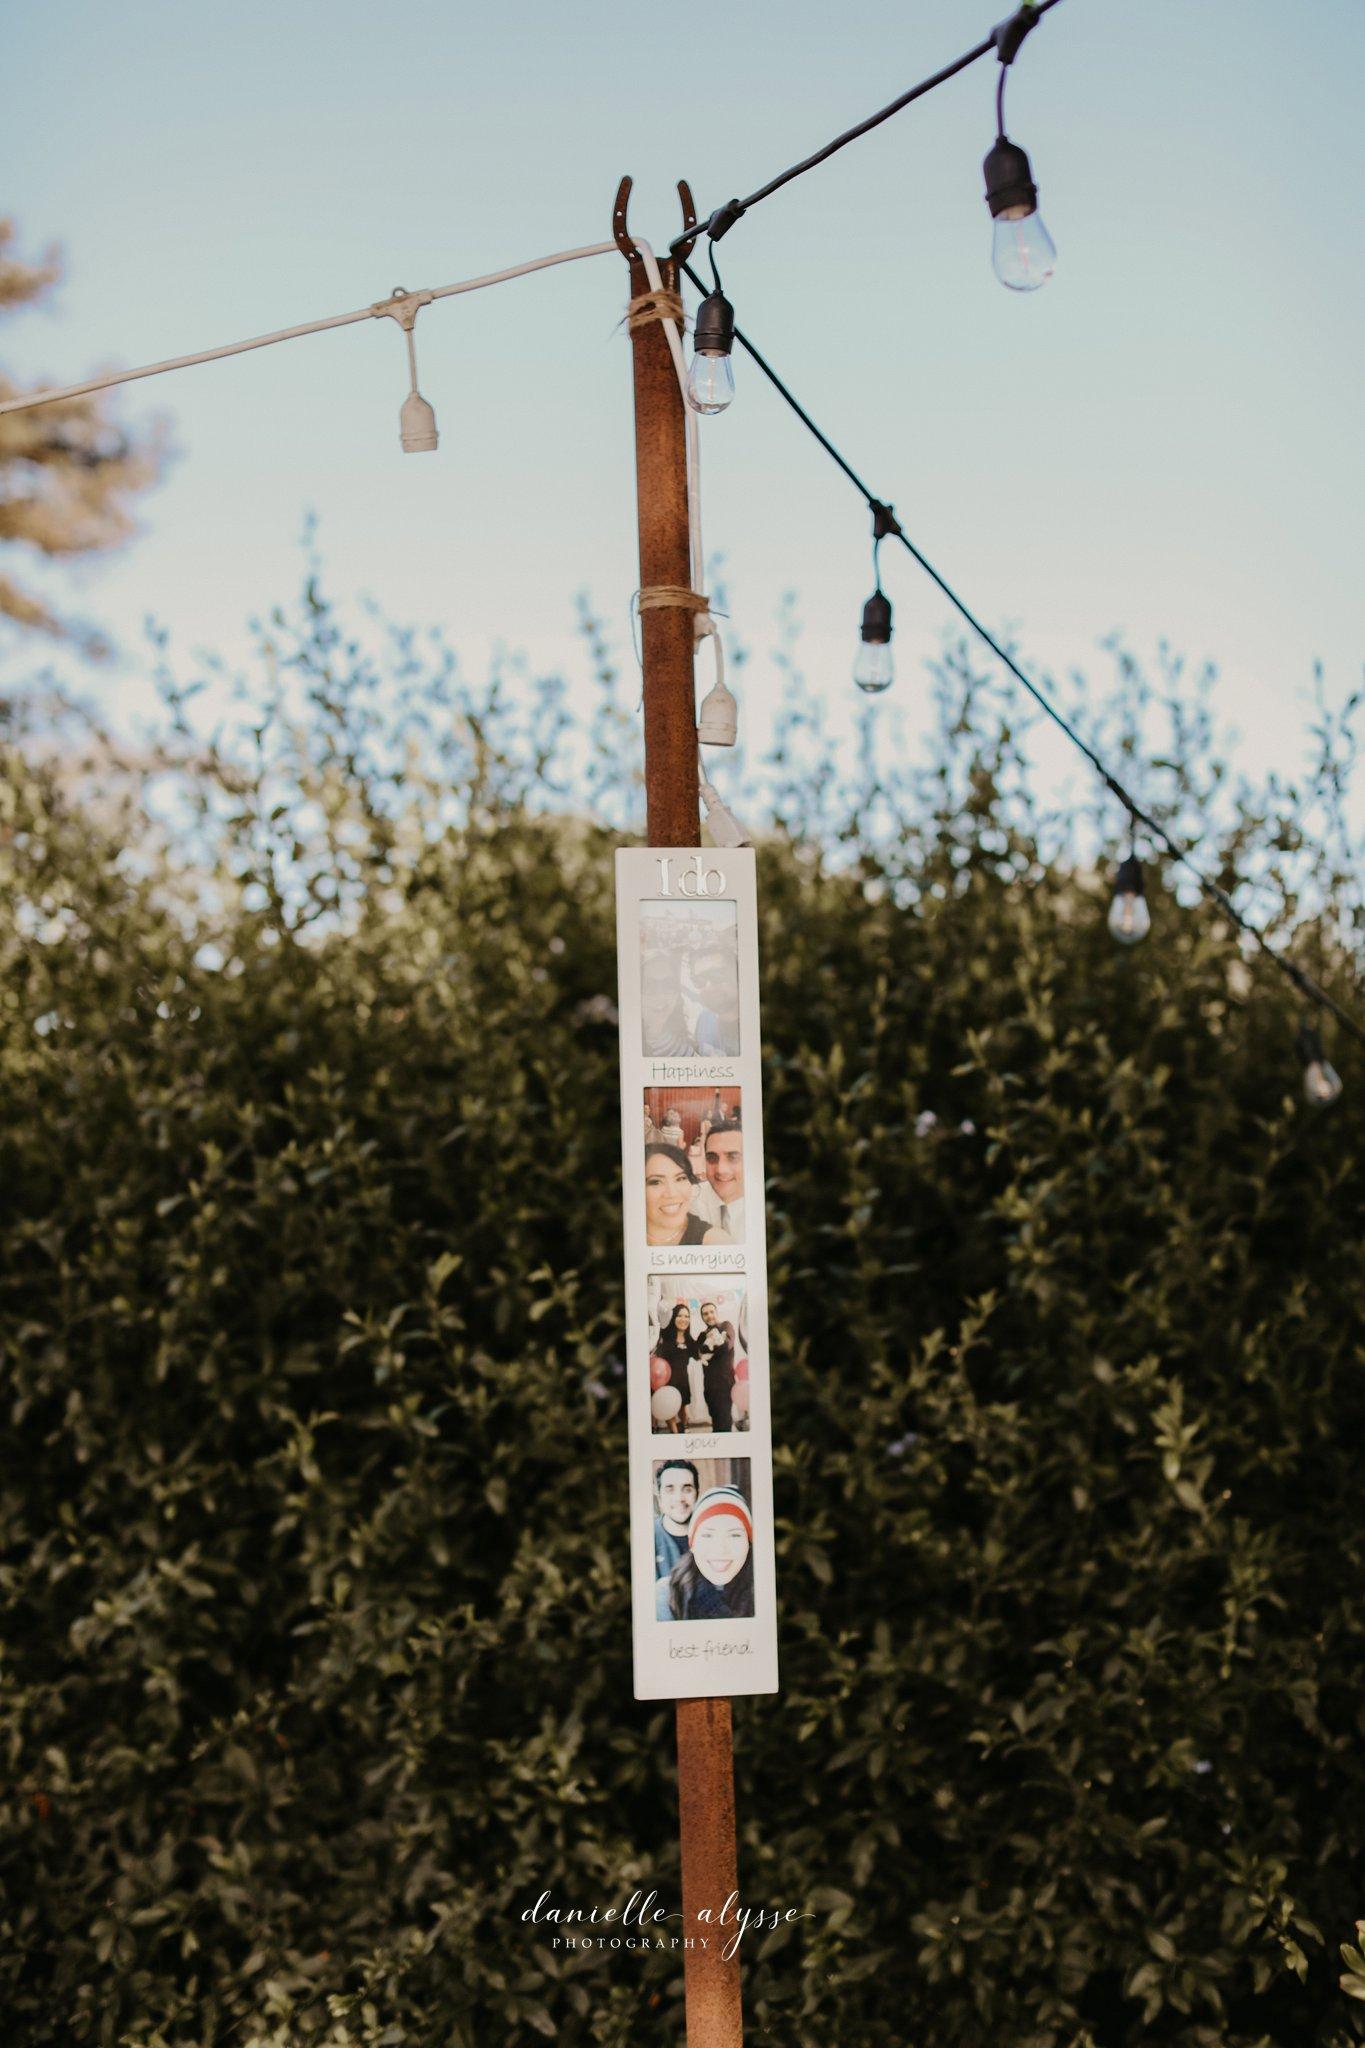 180630_wedding_lily_ryan_mission_soledad_california_danielle_alysse_photography_blog_849_WEB.jpg